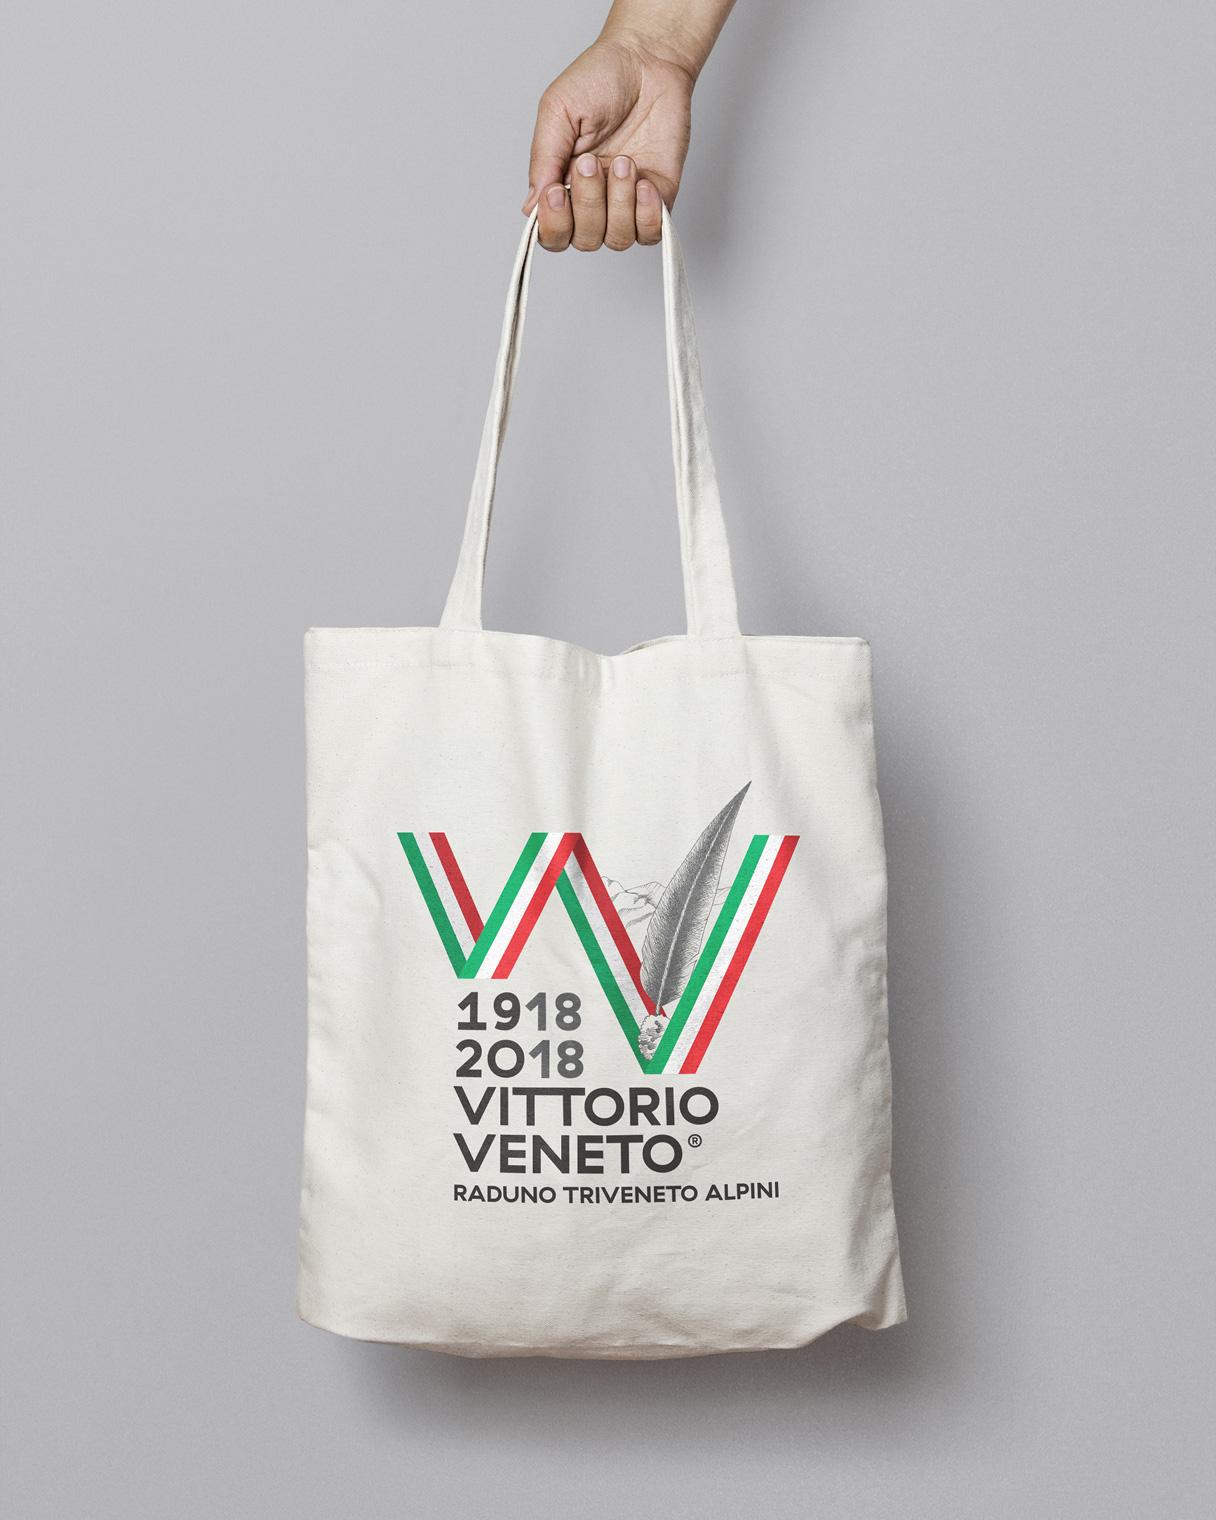 Progettazione grafica shopper Raduno Triveneto Alpini | Kora Comunicazione